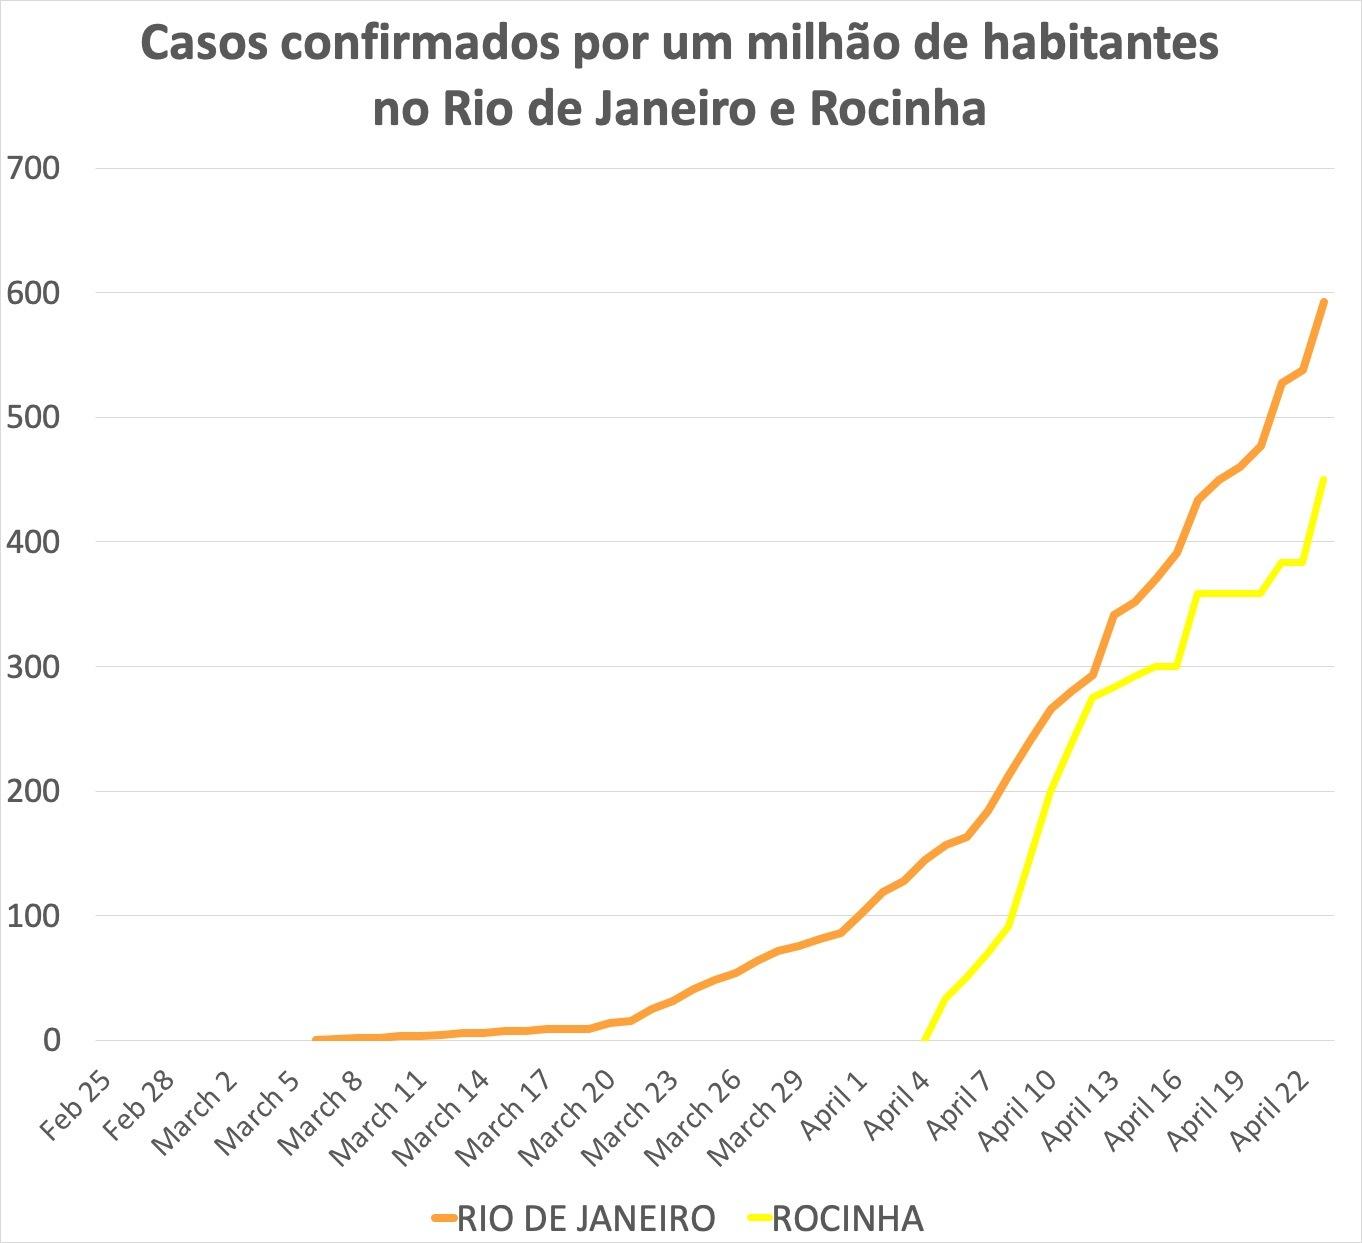 Fontes: Rio www.bit.ly/2K125cq; Rocinha www.bit.ly/2XTsoJE